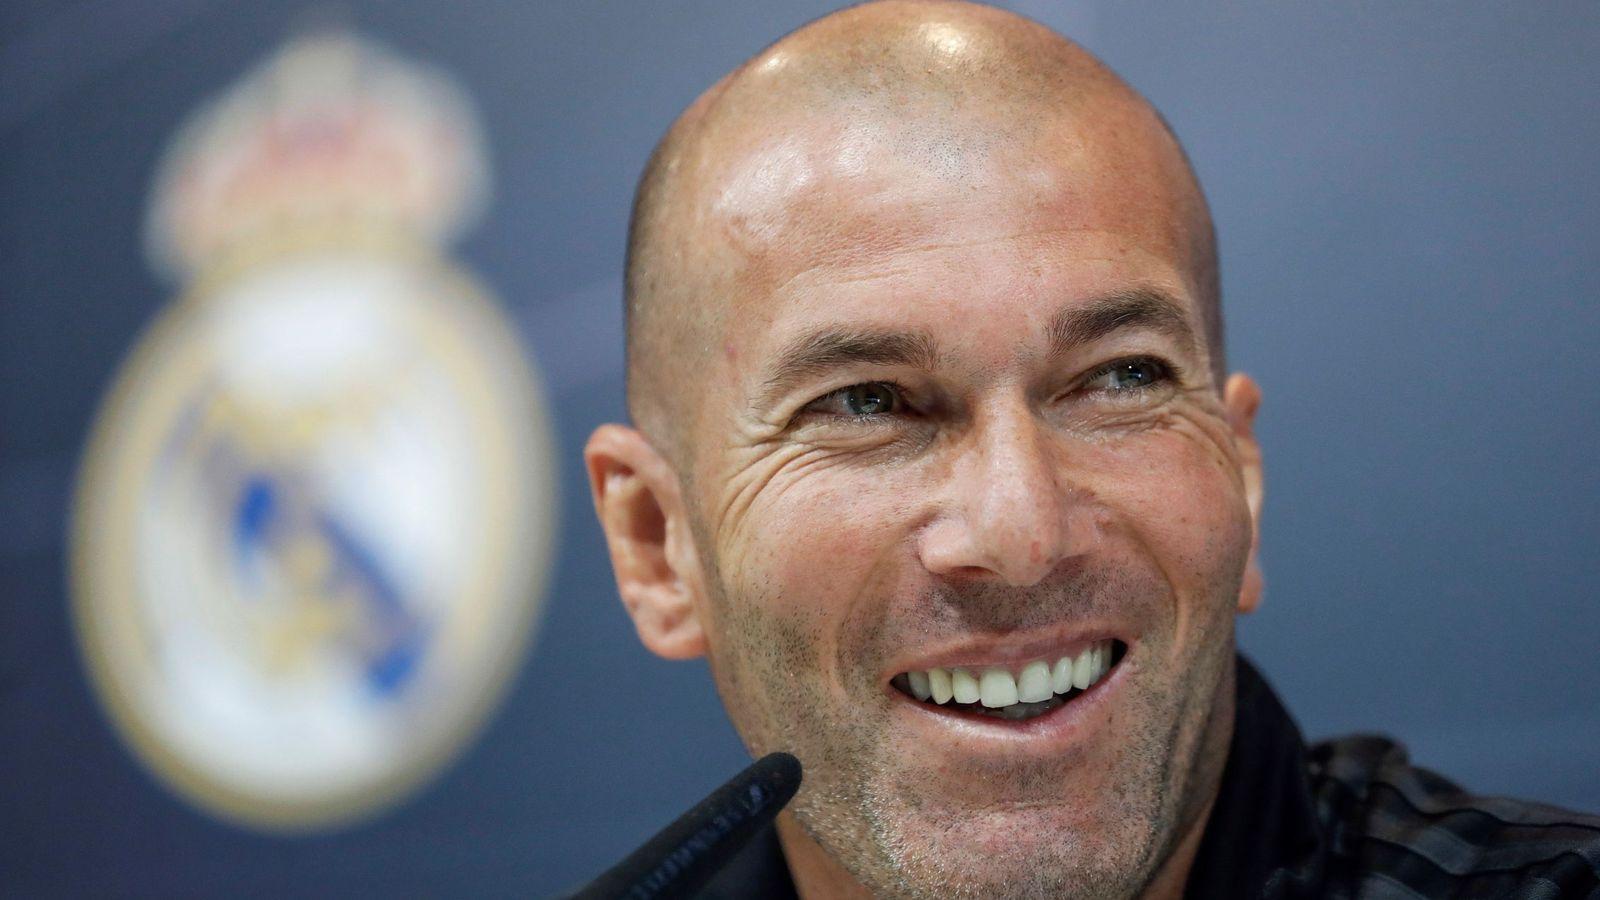 Foto: Zidane, sonriente, antes del último partido de Liga del Real Madrid en el Bernabéu contra el Celta. (EFE)